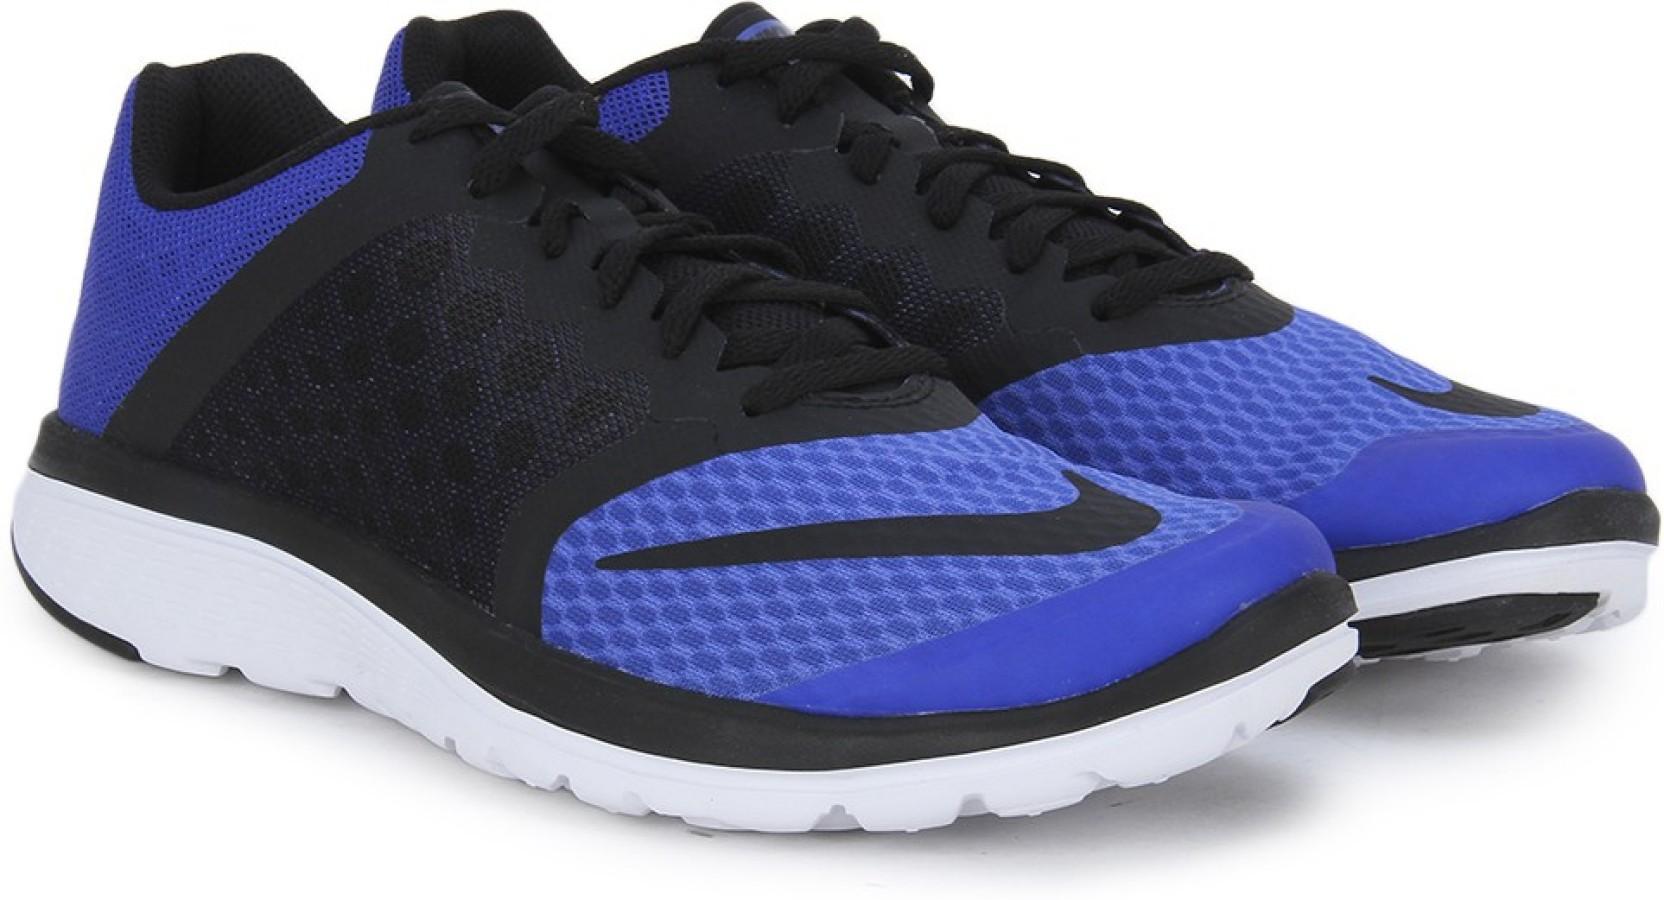 33c9d001c992 ... new zealand nike fs lite run 3 men running shoes for men black blue  white 3c659